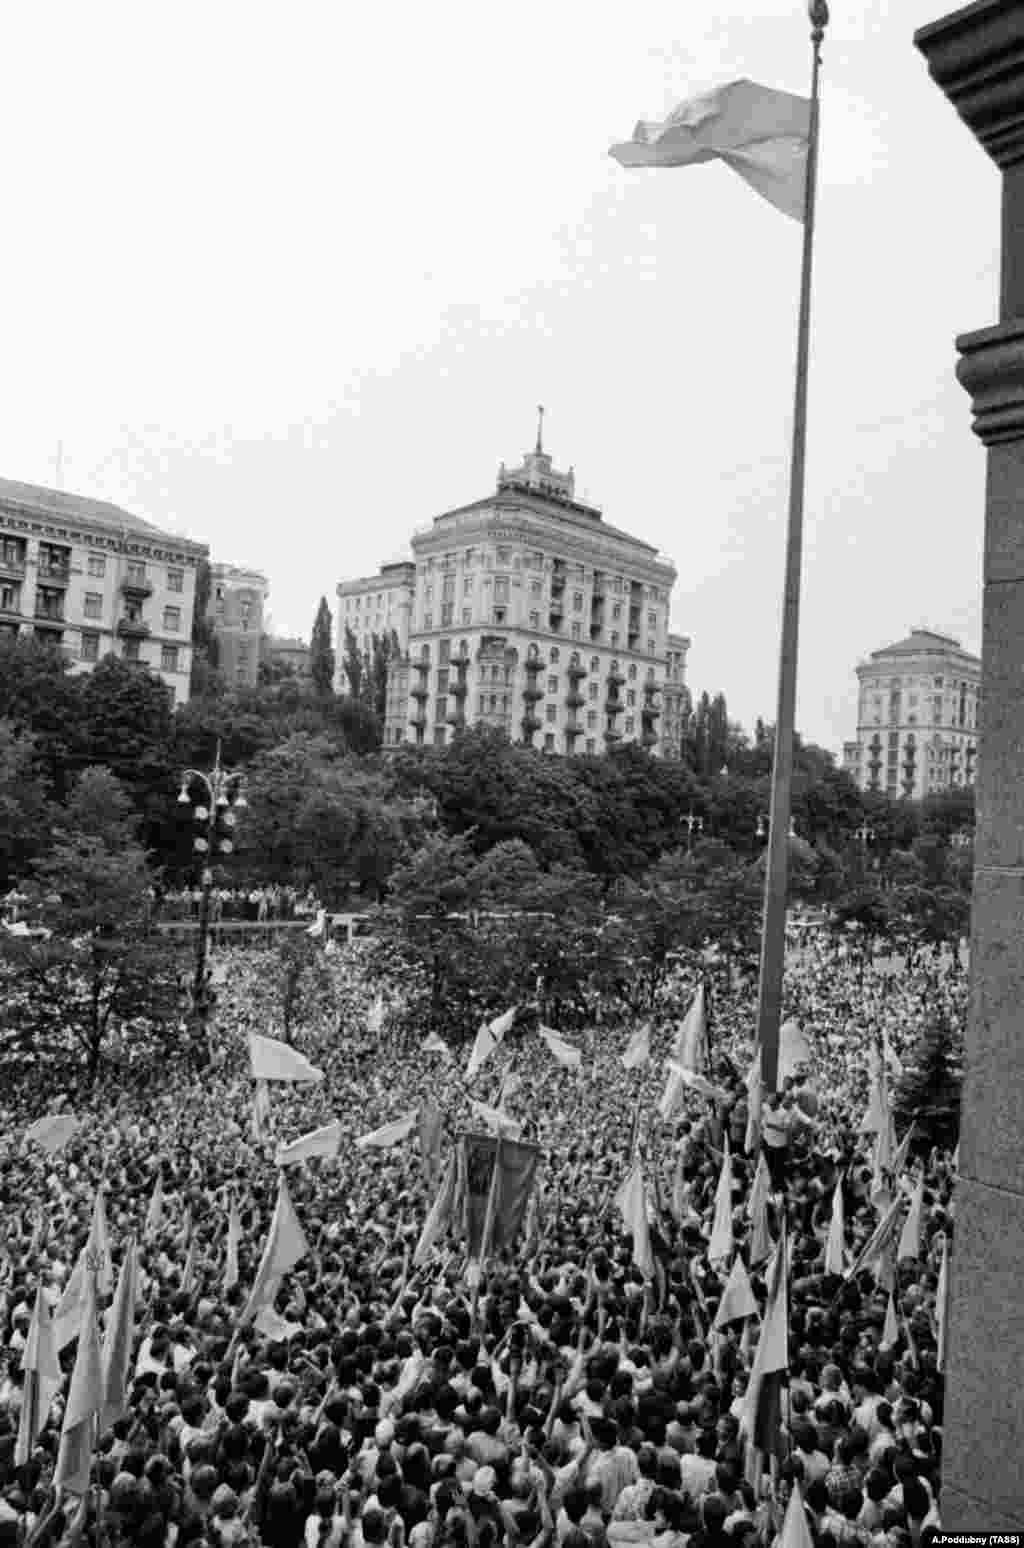 АРХІВНЕ ФОТО.Підняття українського національного прапора на прапорній щоглі біля будинку Київської міської ради на Хрещатику. Київ, 24 липня 1990 року